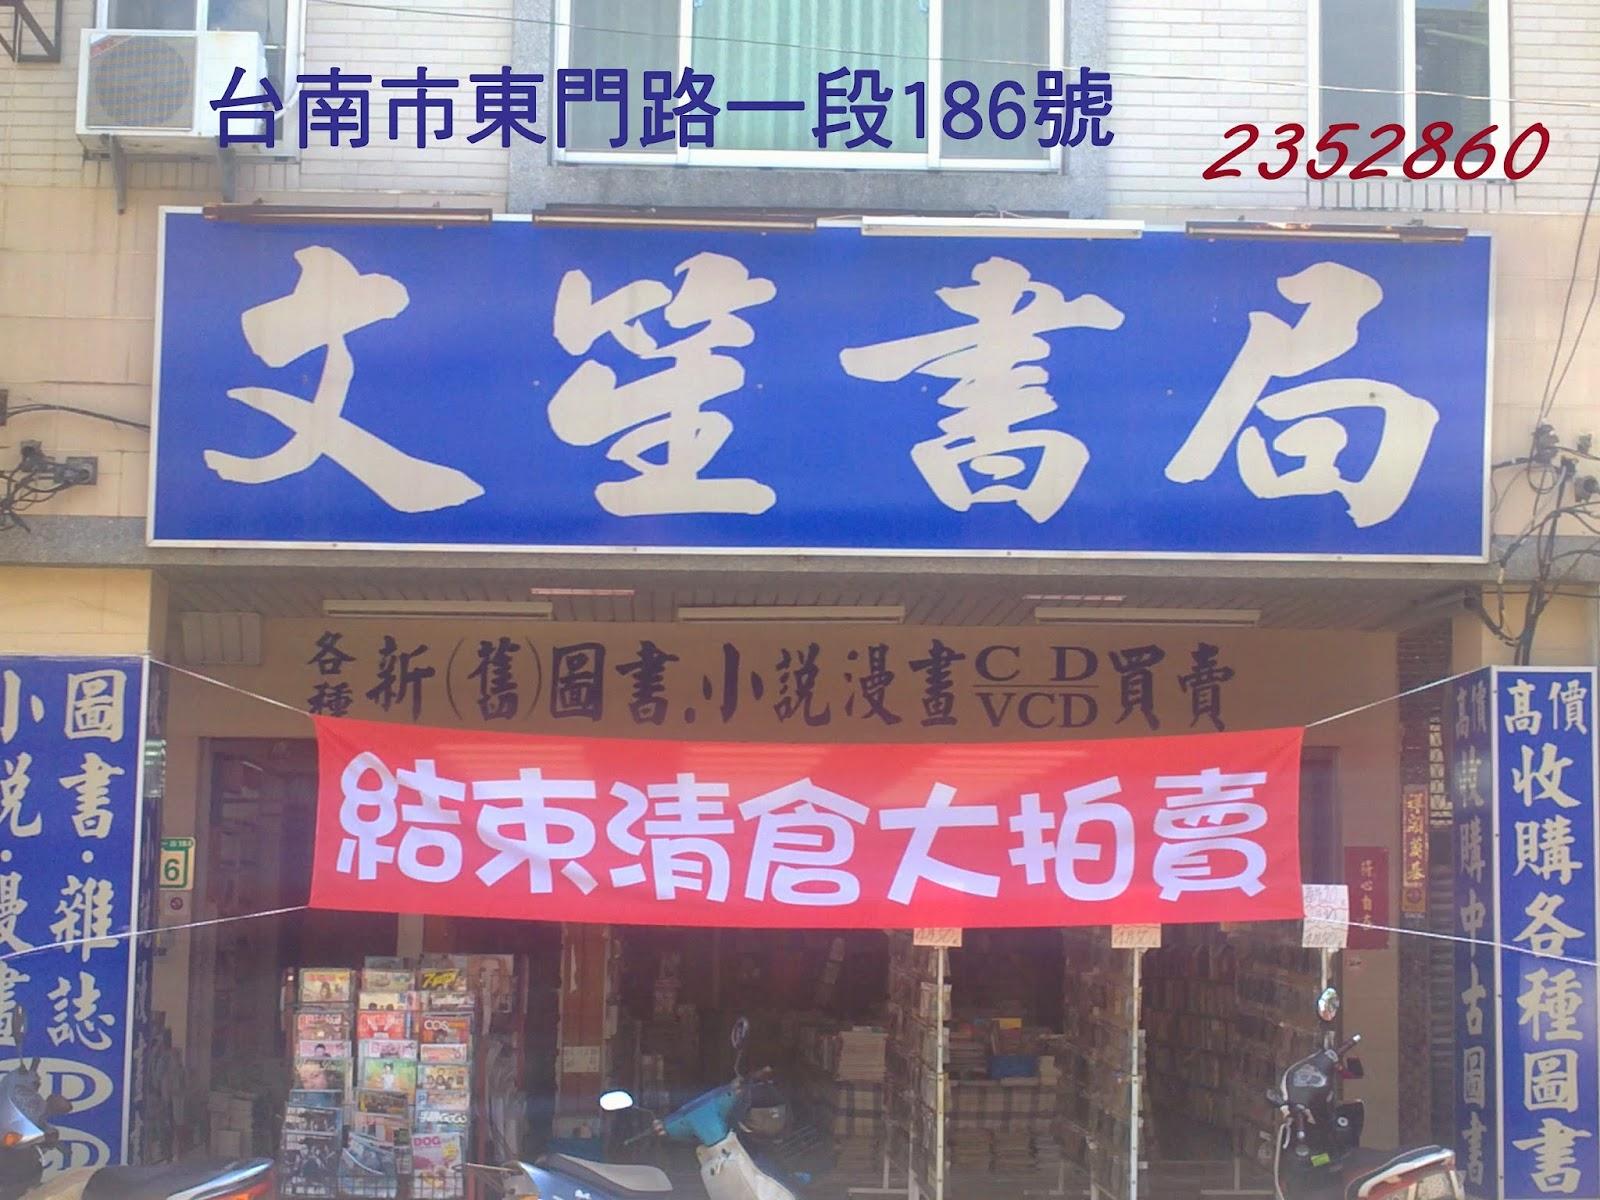 臺南人在地人要了解在地訊息哦: 臺南二手書店結束營業-跳樓大拍賣-真的喔!文笙舊書店(也有新的喔!折扣喔)